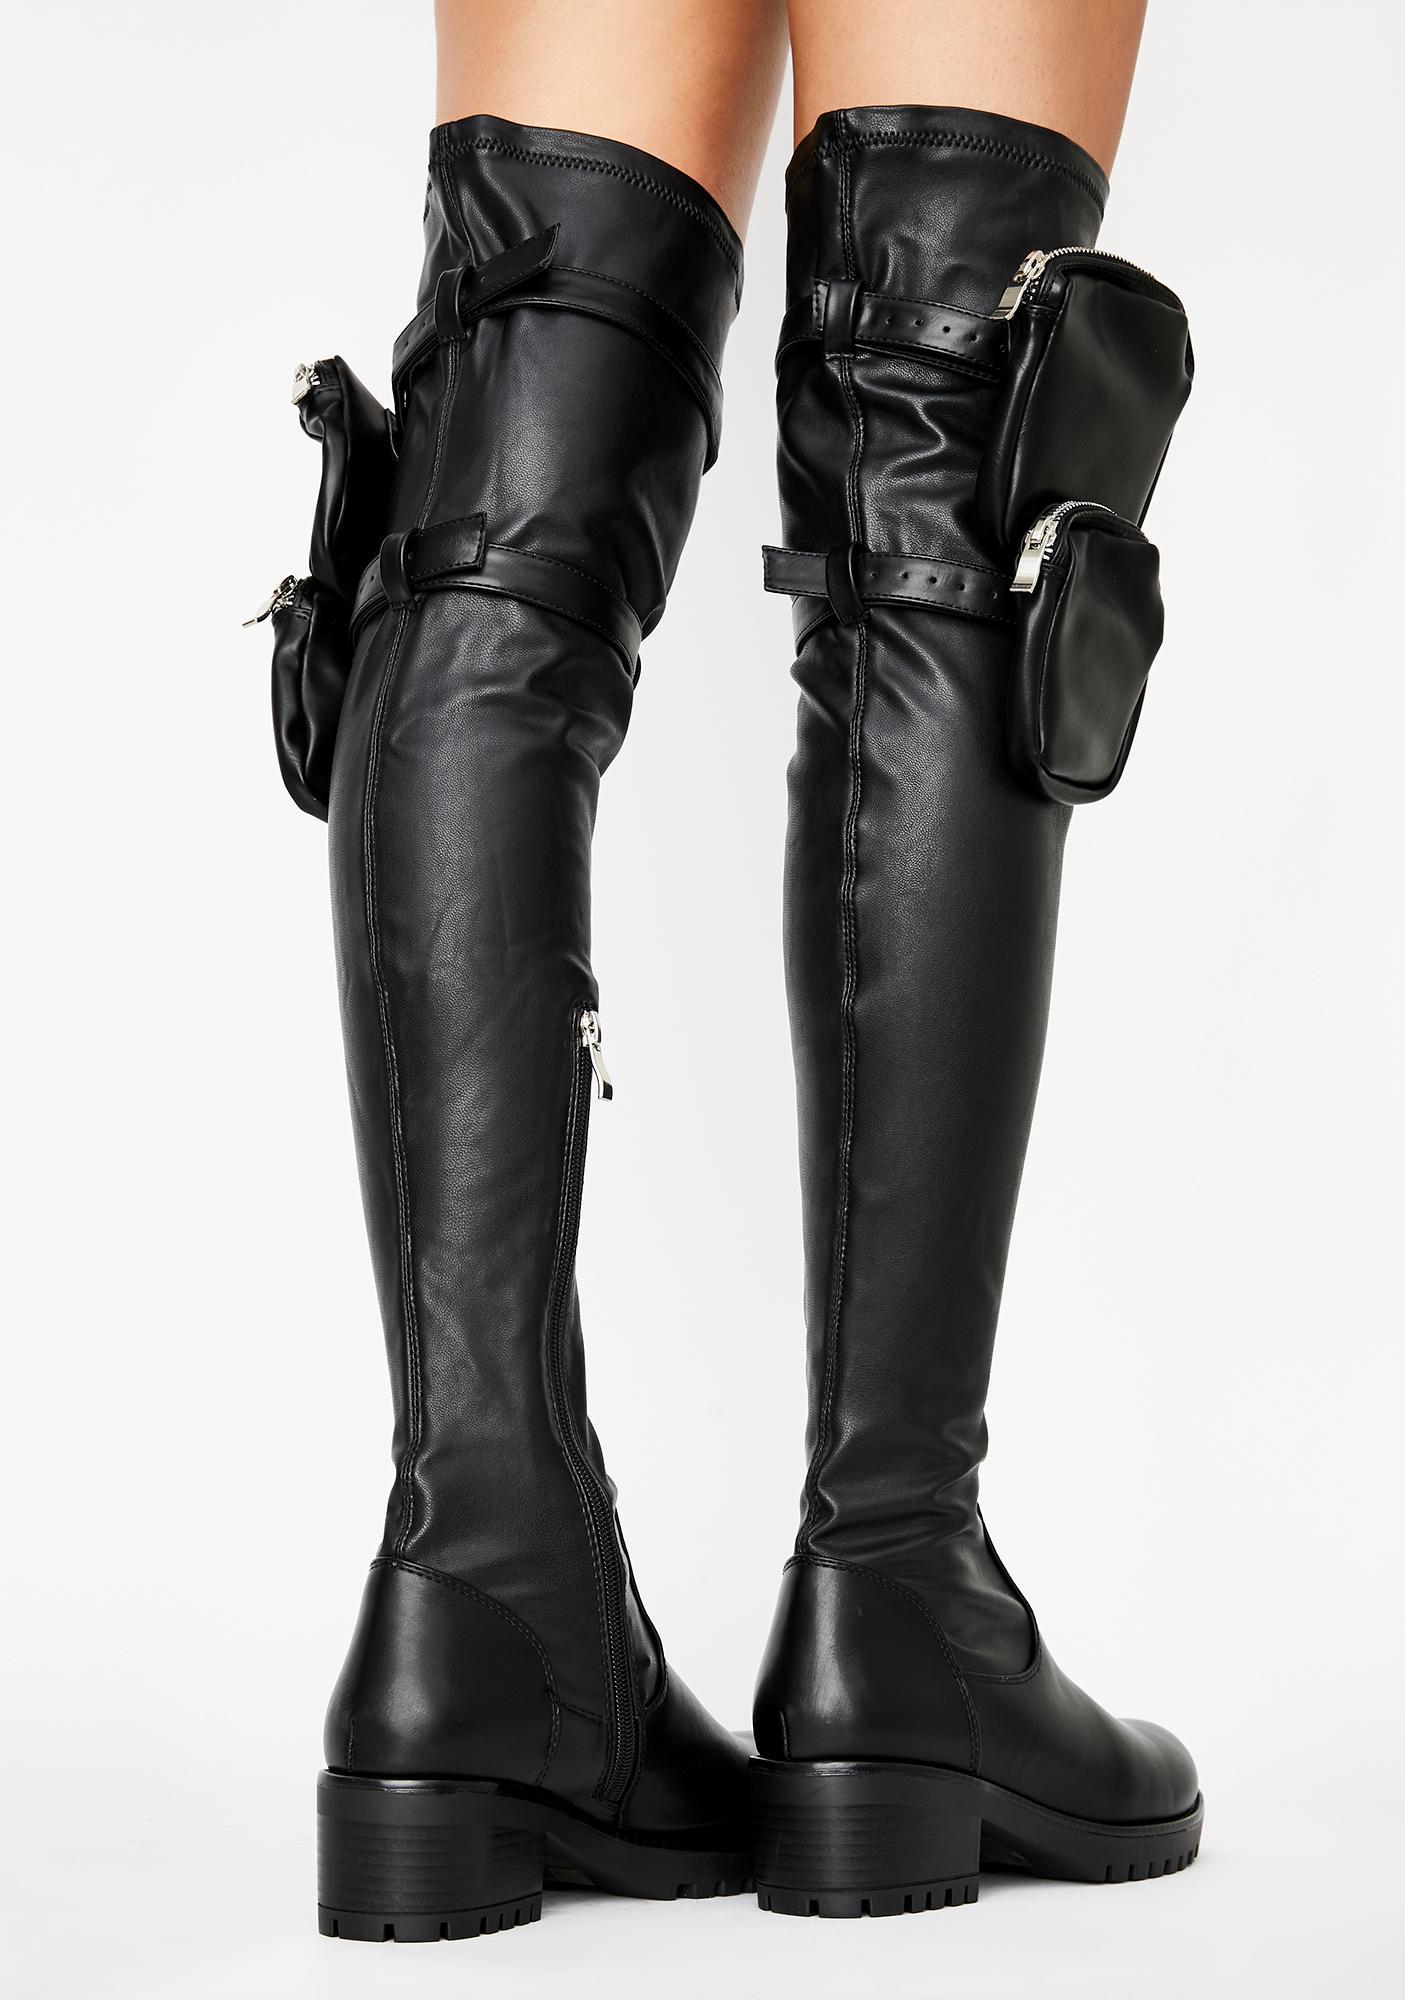 AZALEA WANG Eureva Utility Knee High Boots